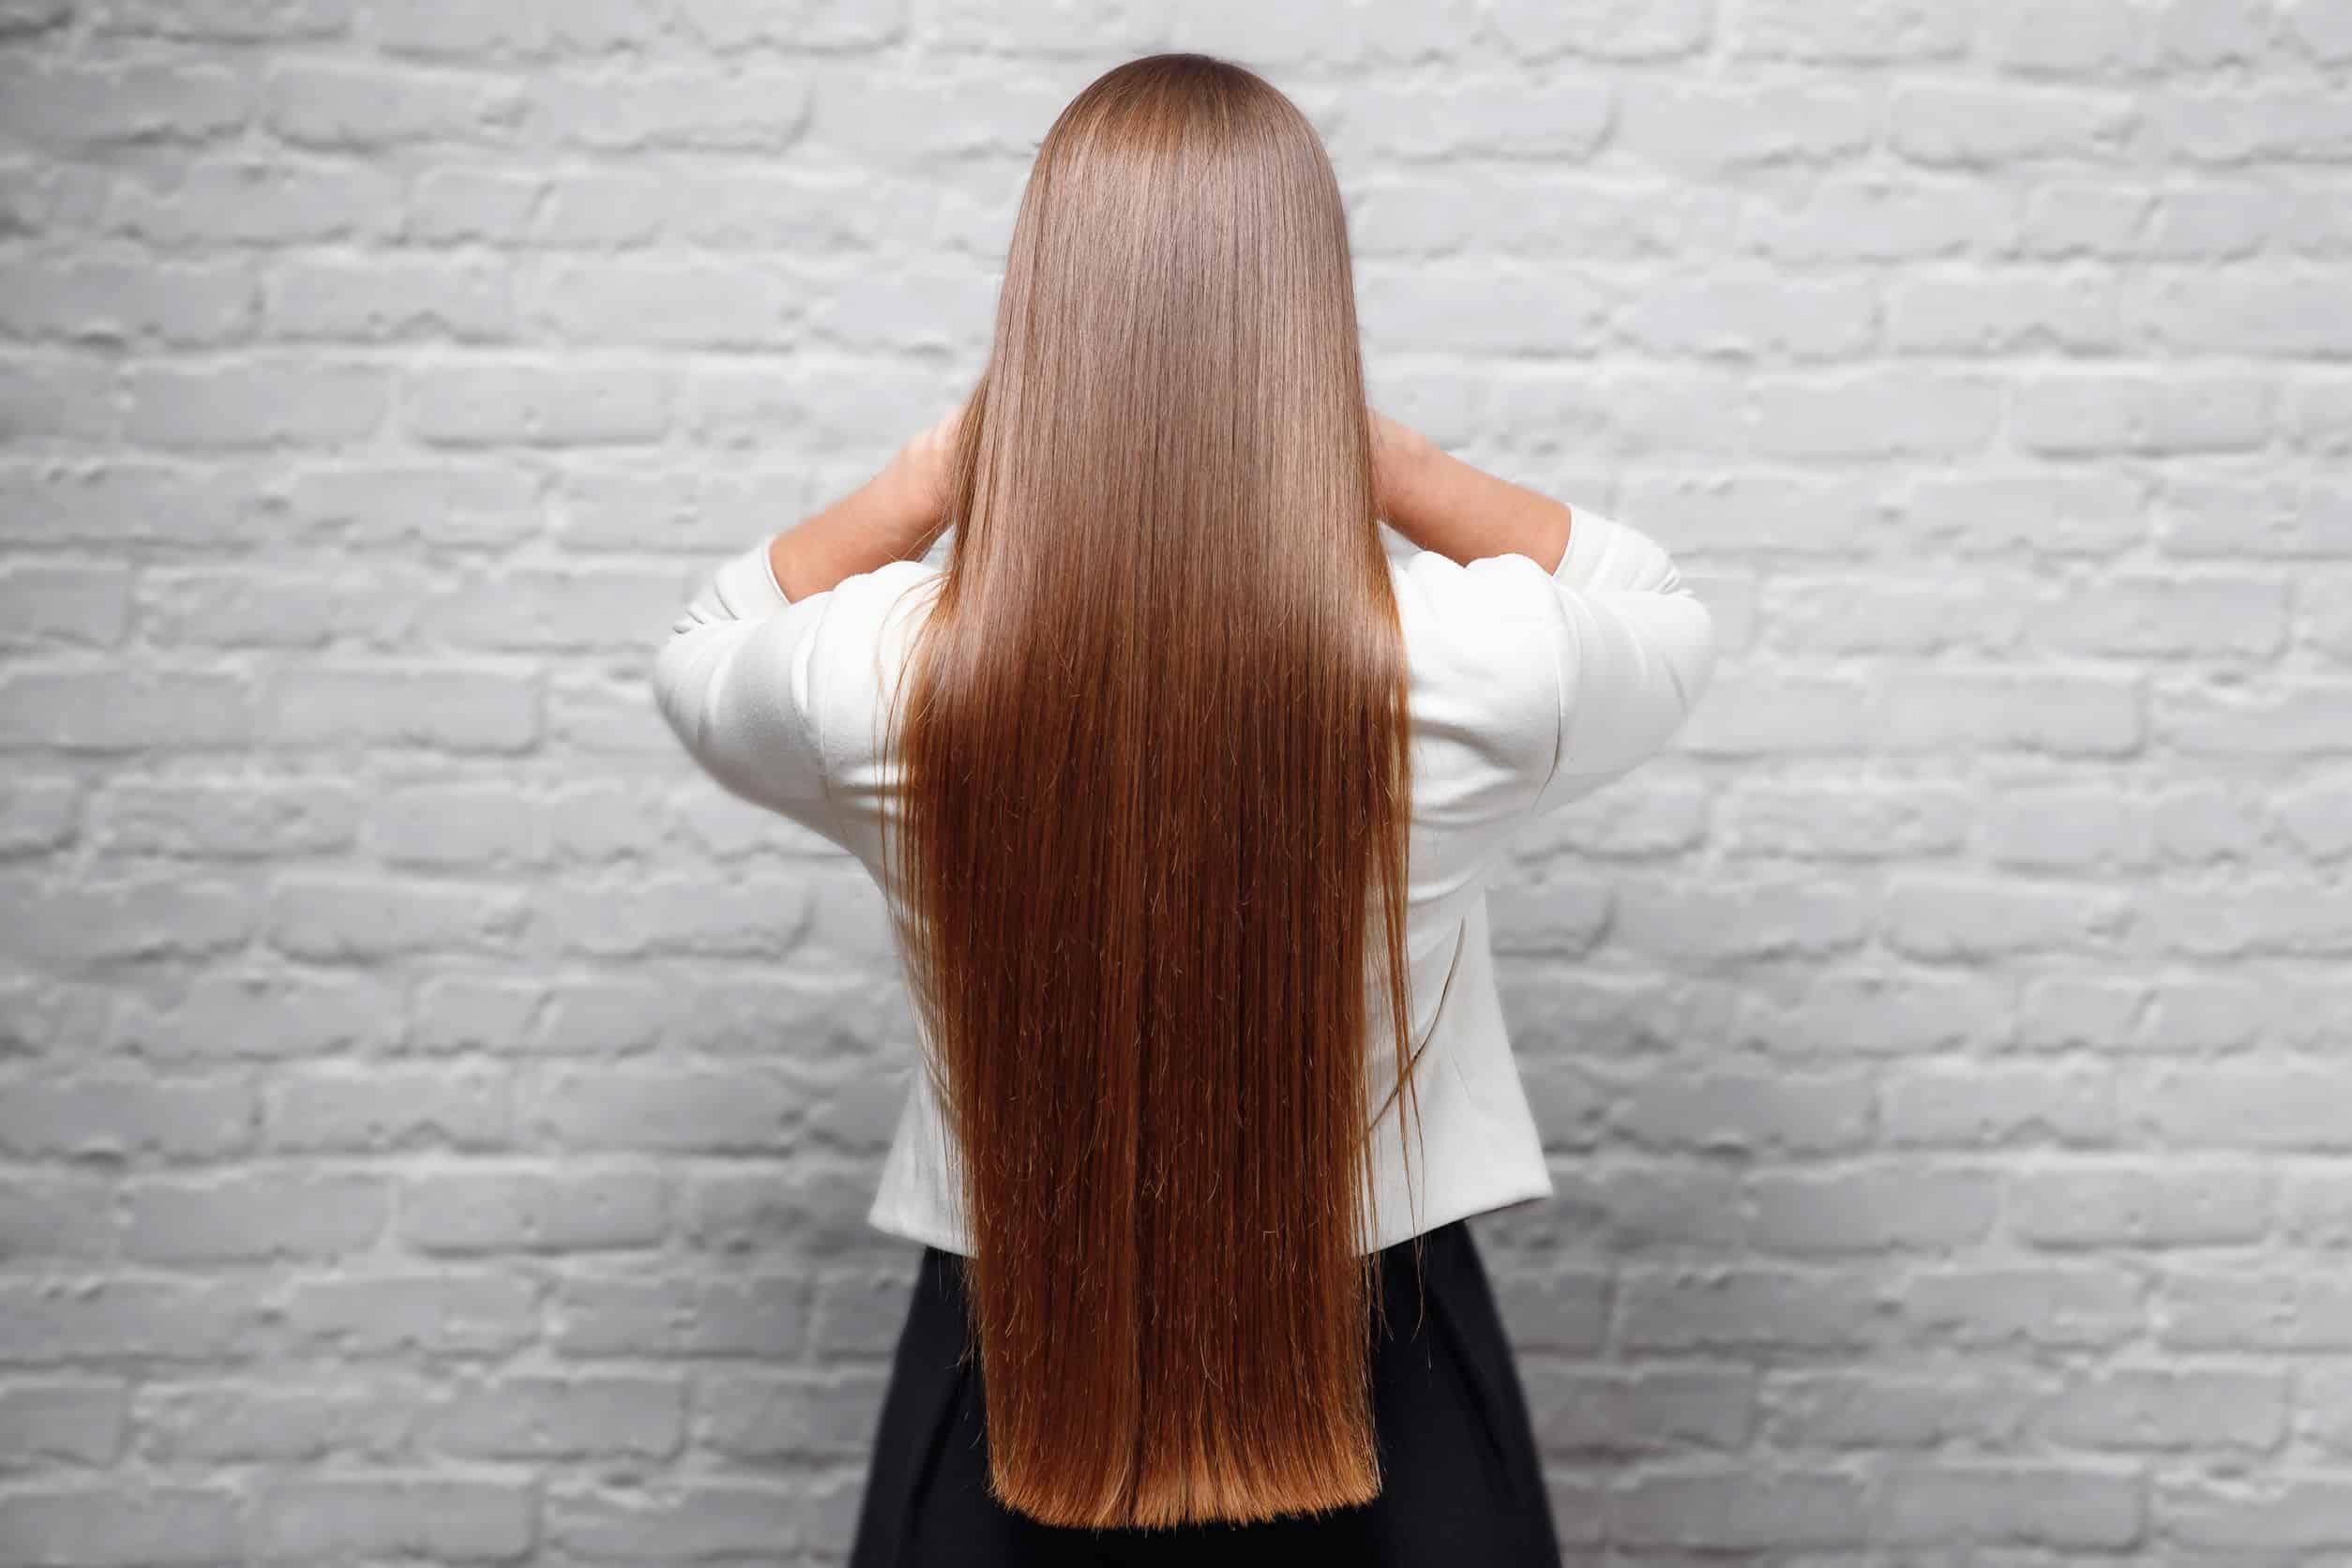 Extensiones de cabello natural: ¿Cuáles son las mejores del 2021?